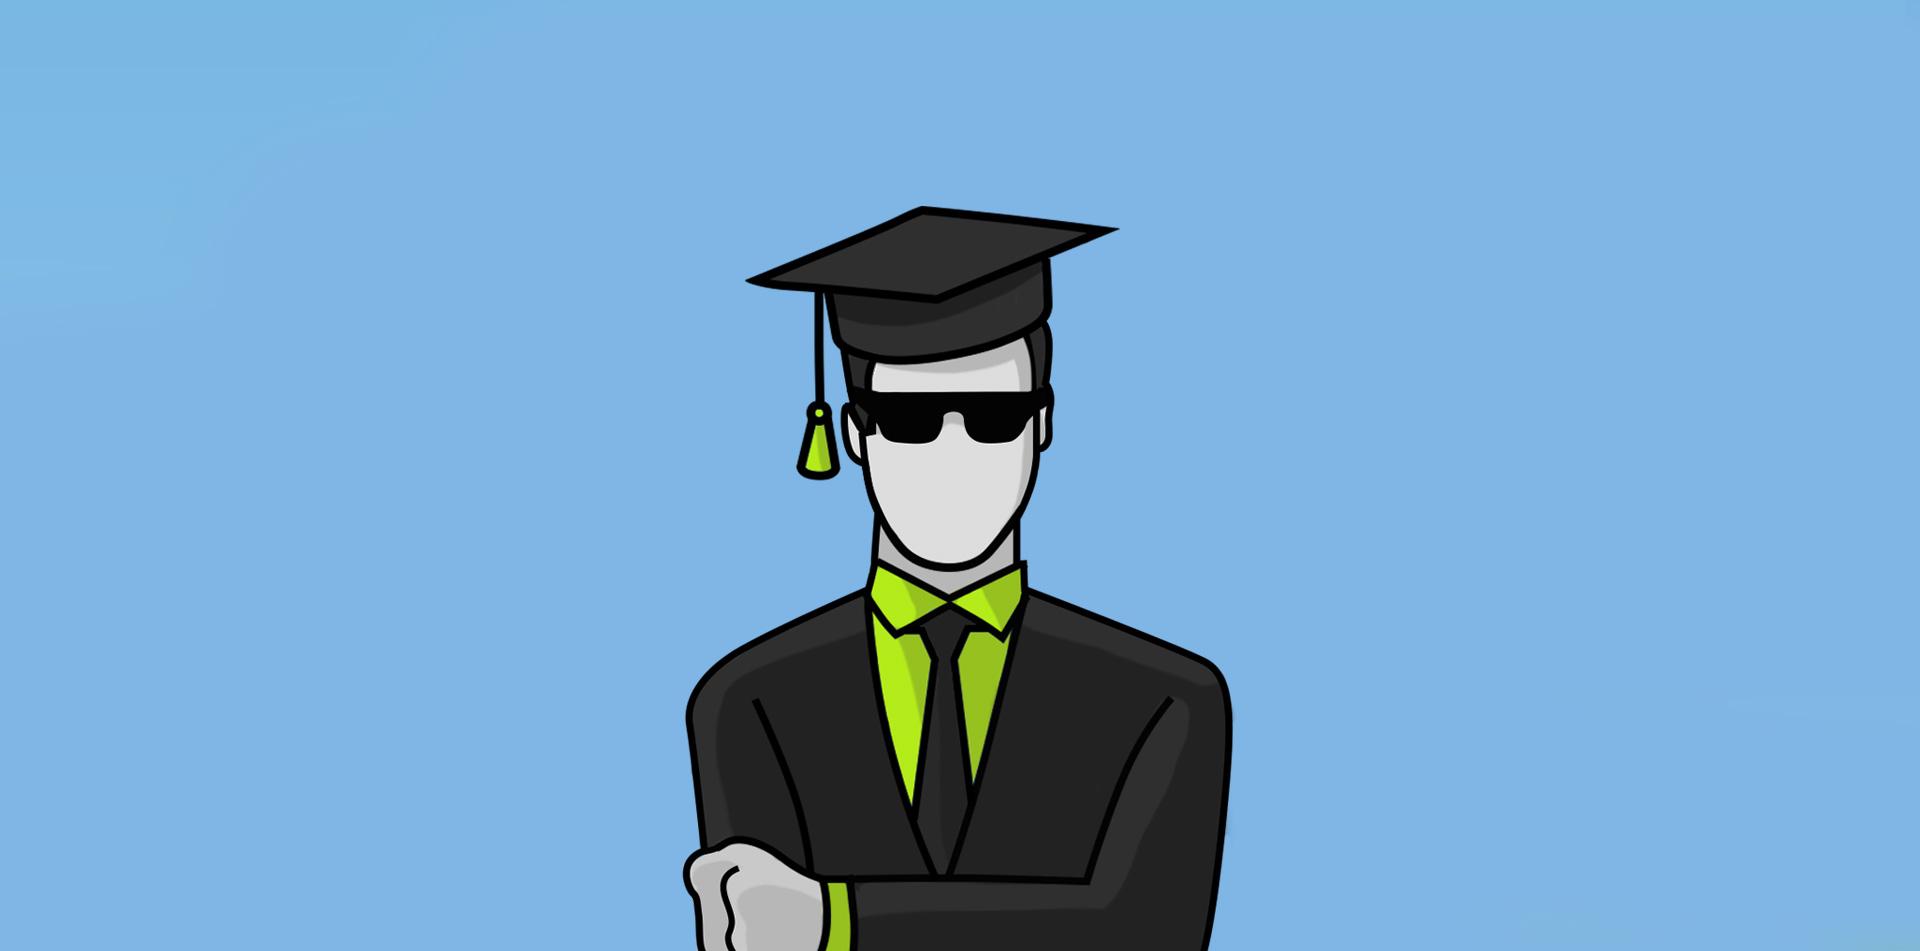 Eine Person im Anzug mit einer Mütze auf. Repräsentativ für Gutachter